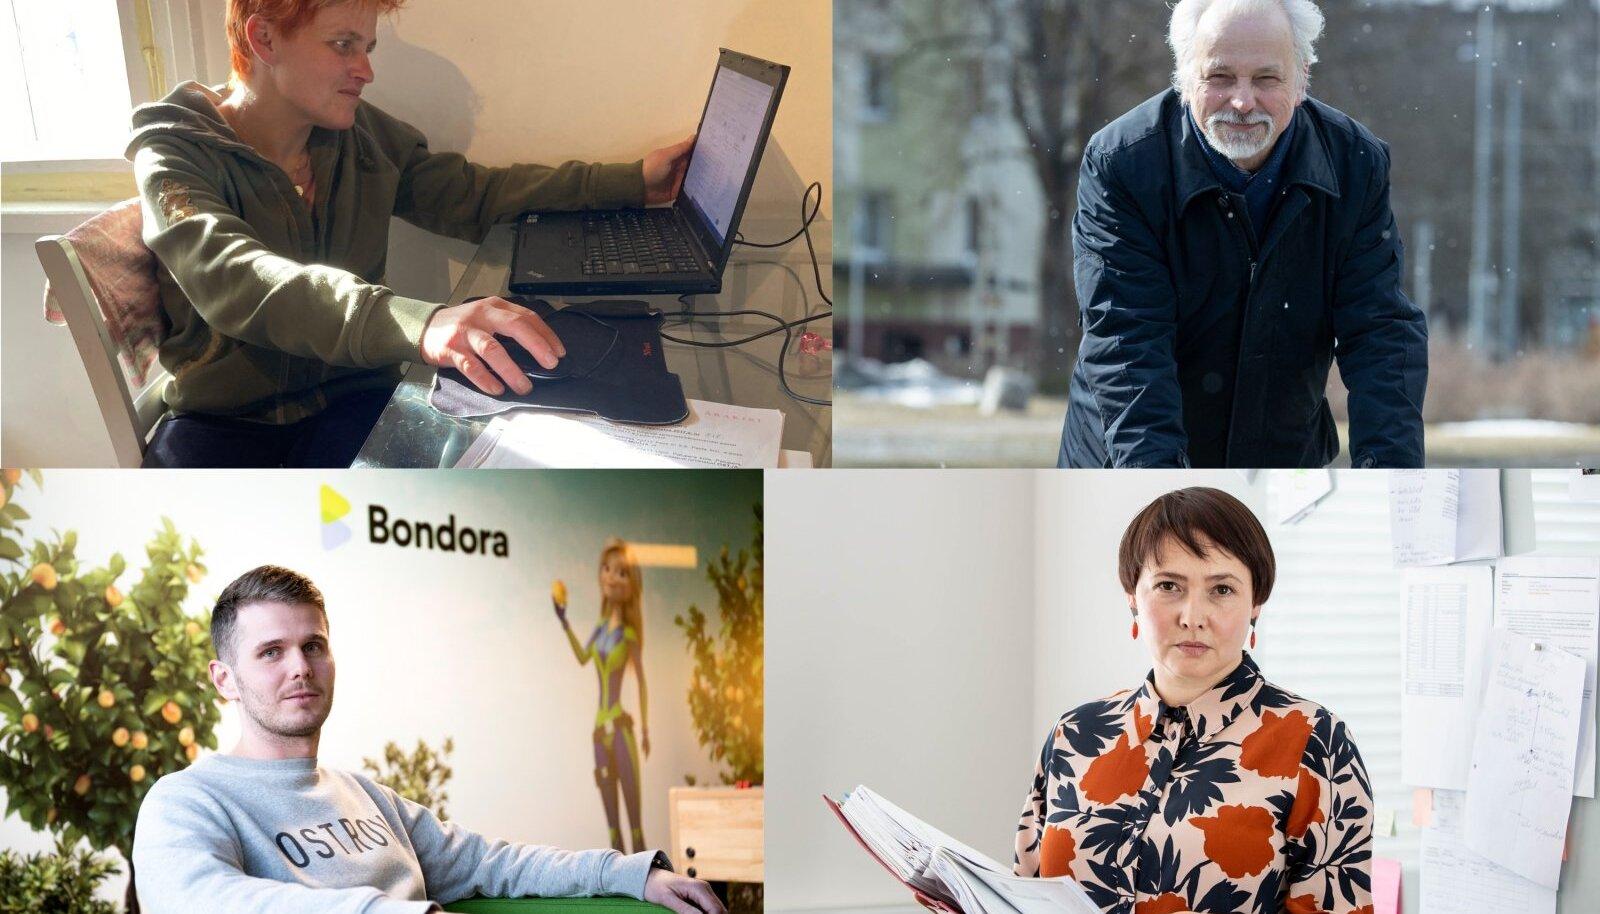 ÜHE VÕLALOO OSAPOOLED: Võlgnik Pille Aim, investor Aarne Leisalu ning Bondora looja, ärimees Pärtel Tomberg ja kohtutäitur Oksana Kutšmei.